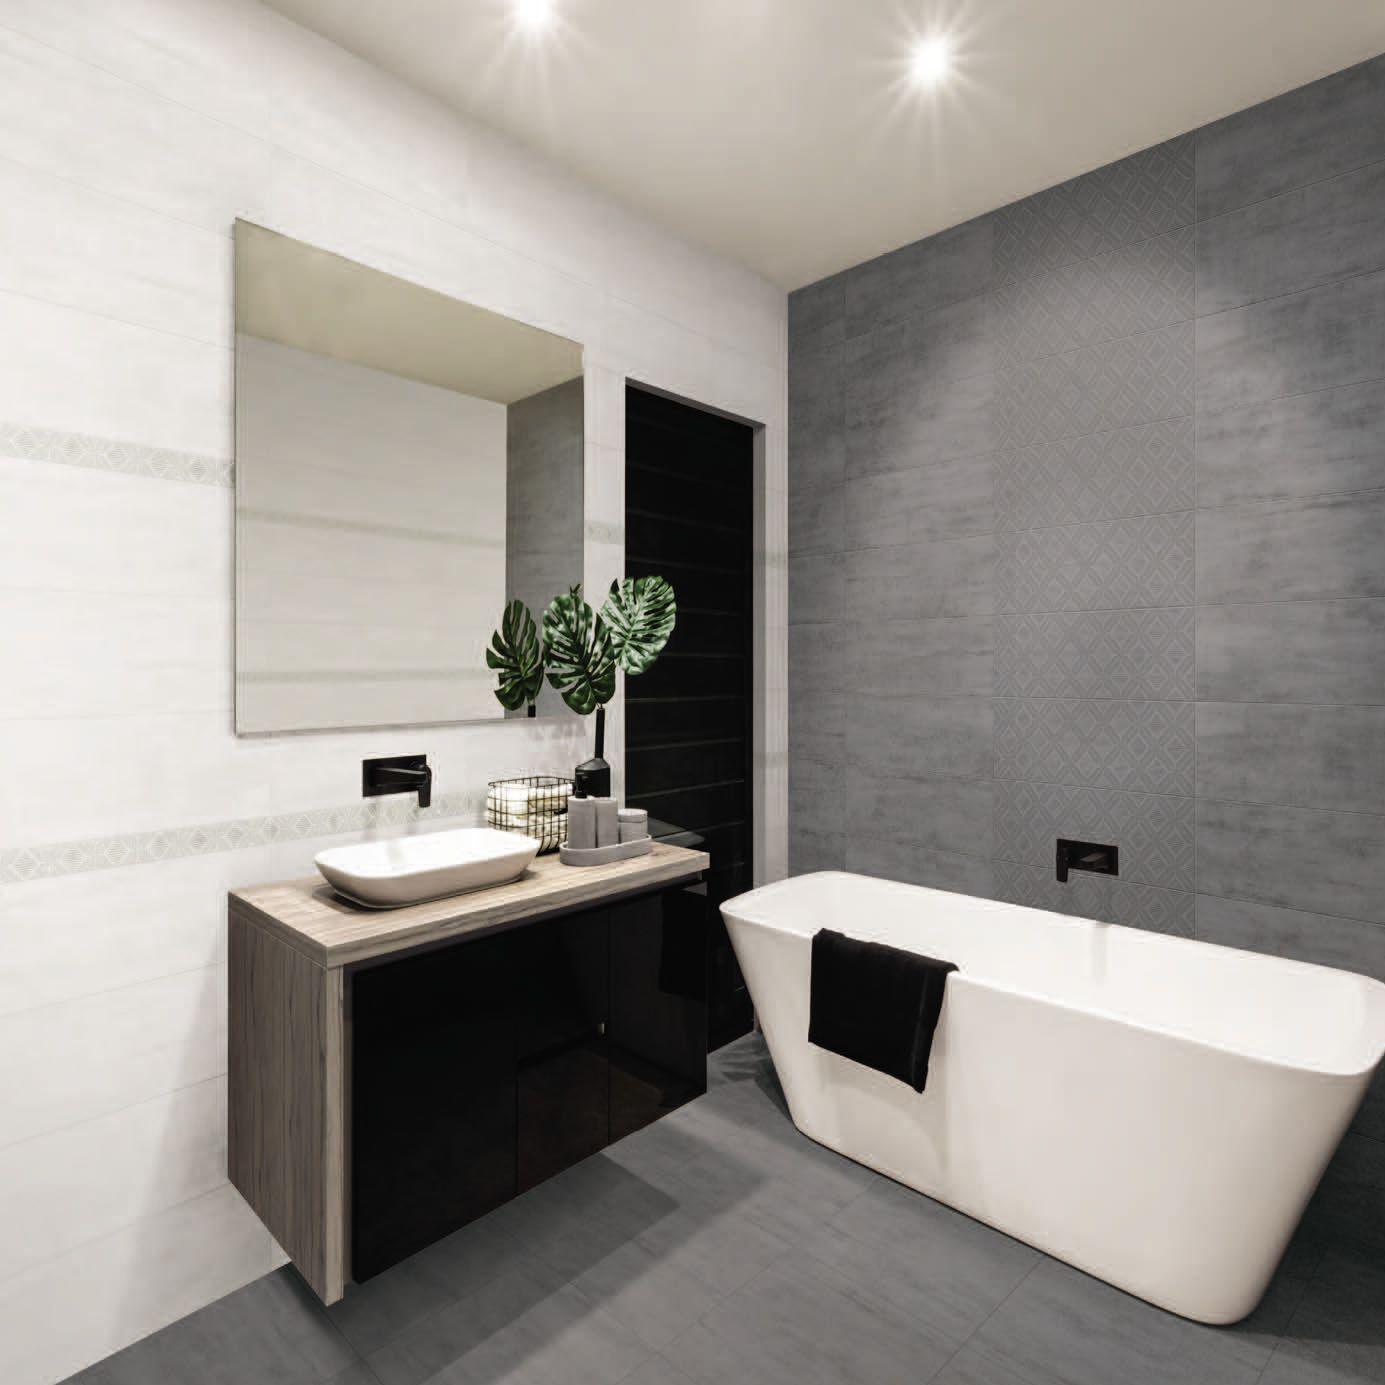 Gut bekannt Badezimmer-Fliesen / Wand / für Böden / Feinsteinzeug - AZULEJOS PLAZA JA28